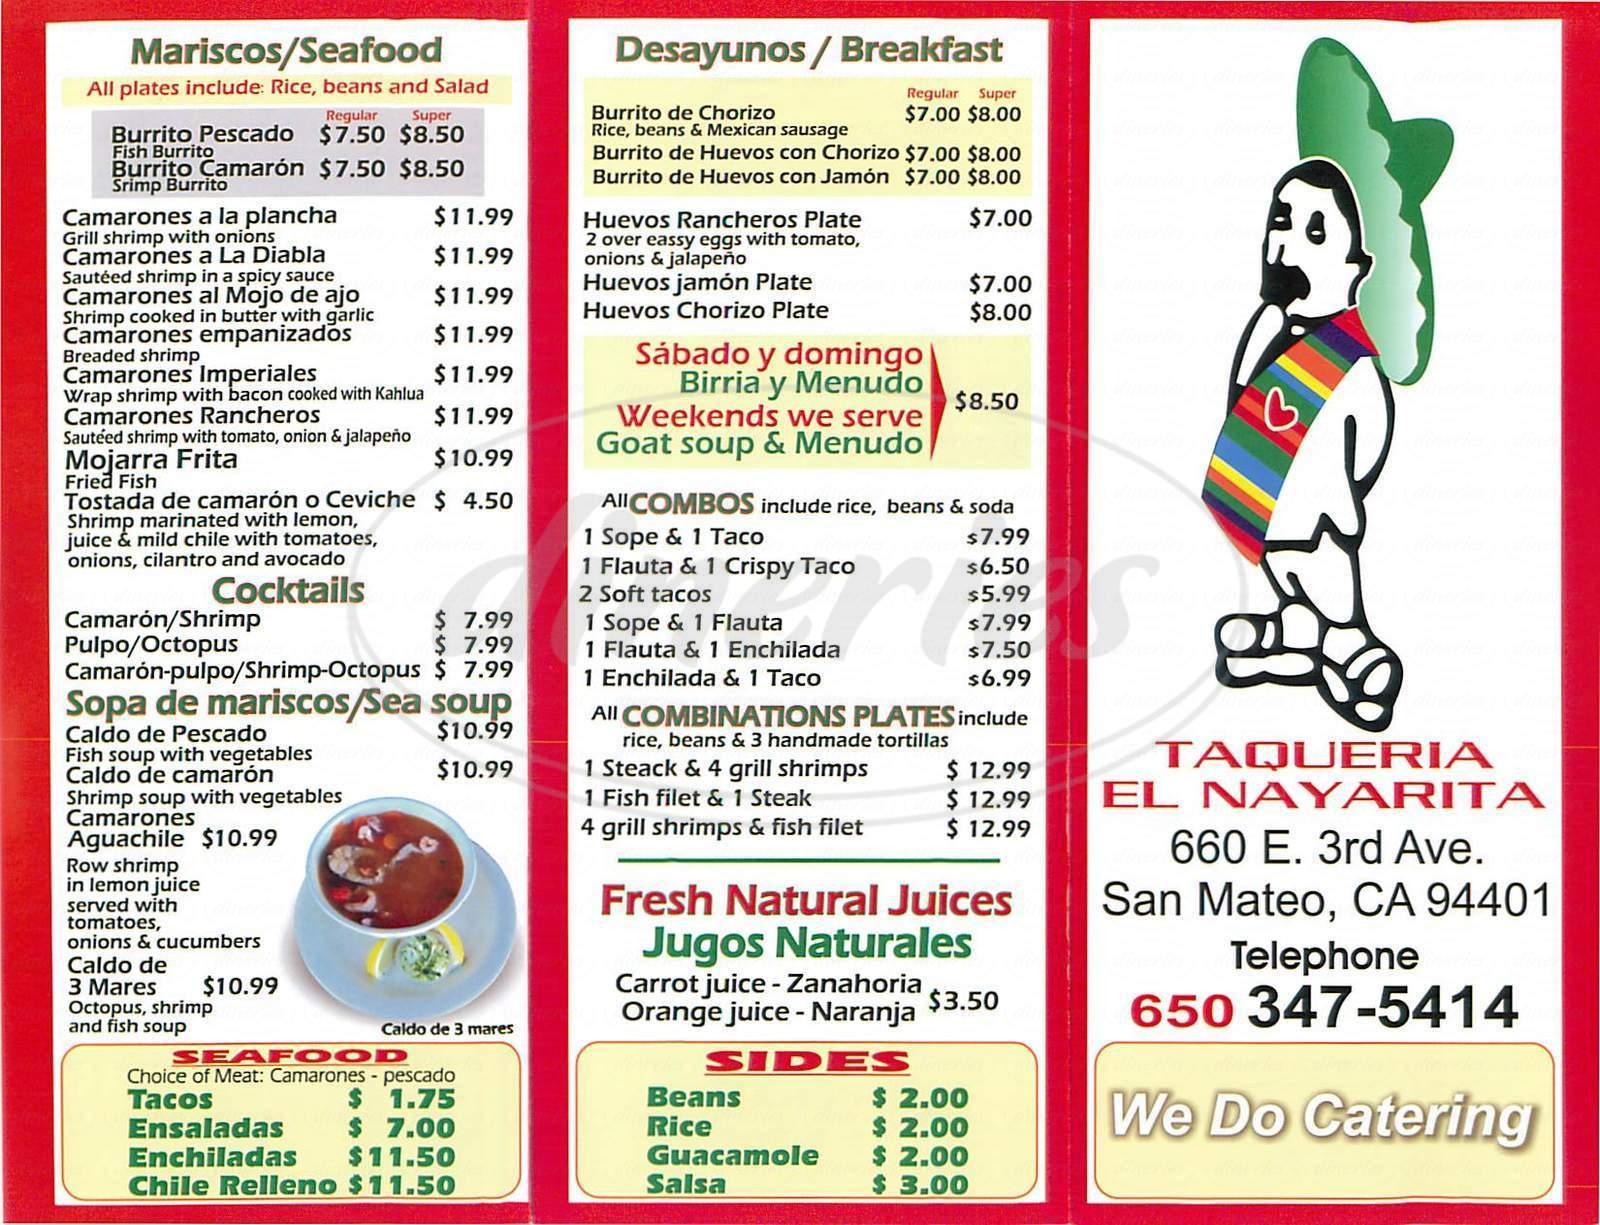 Big menu for Taqueria el Nayarita, San Mateo